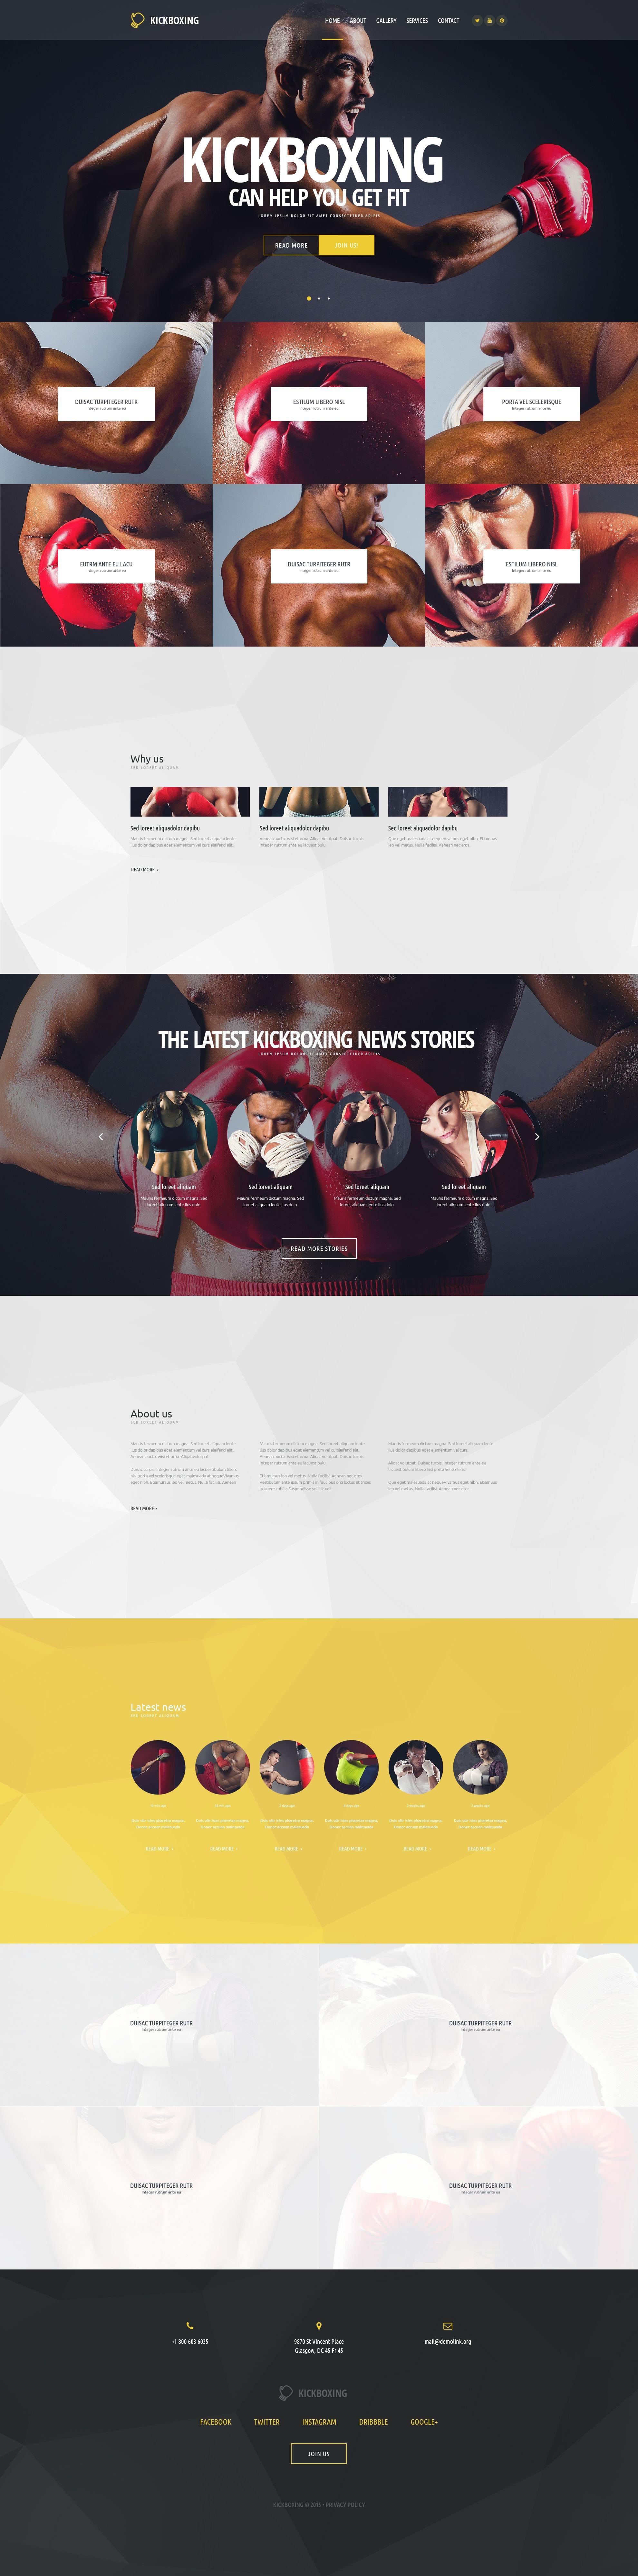 Kickboxing Website Template